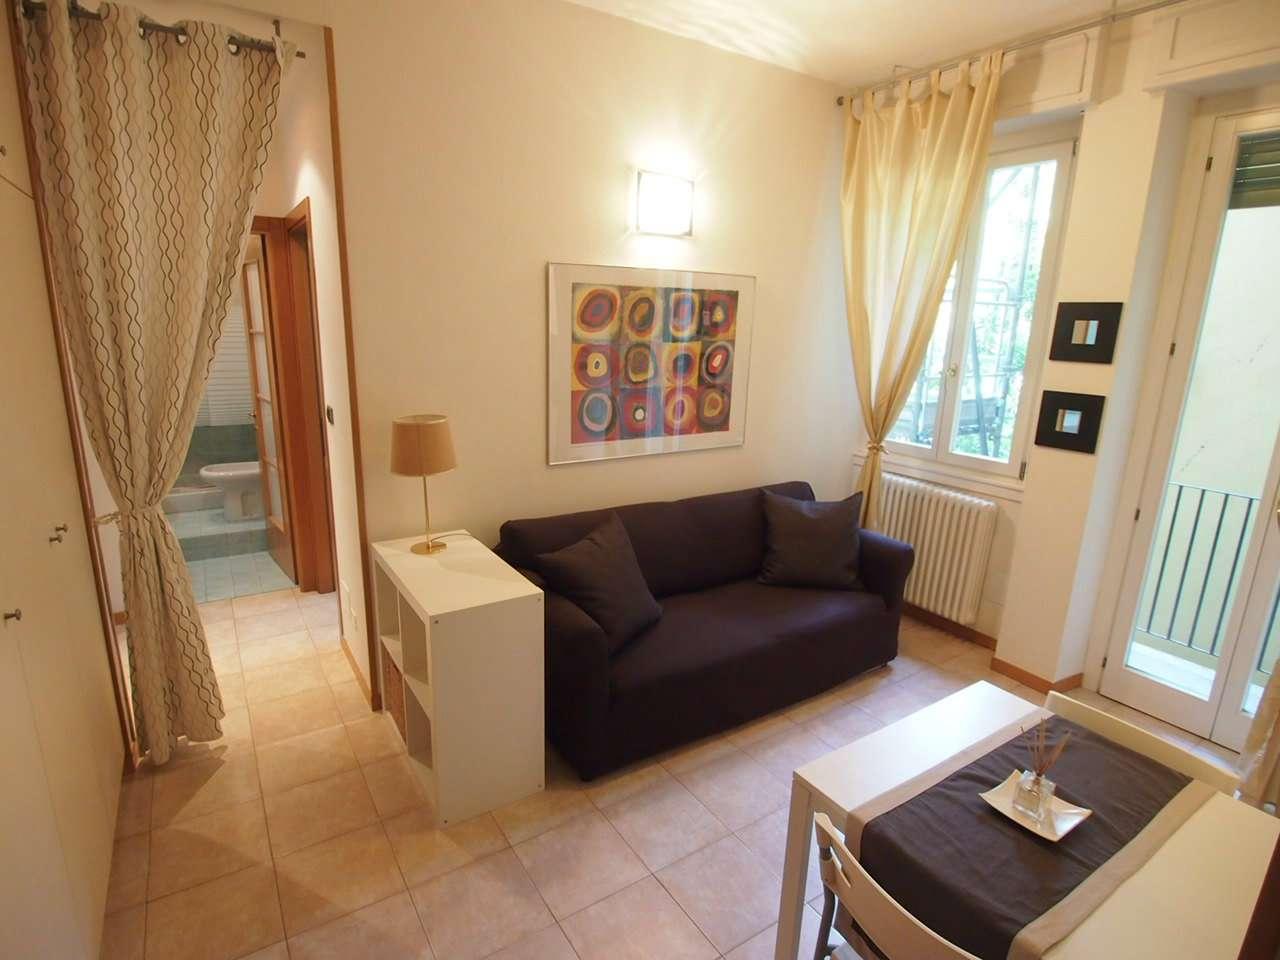 Appartamento in affitto a Verona, 2 locali, zona Zona: 1 . ZTL - Piazza Cittadella - San Zeno - Stadio, prezzo € 700 | CambioCasa.it